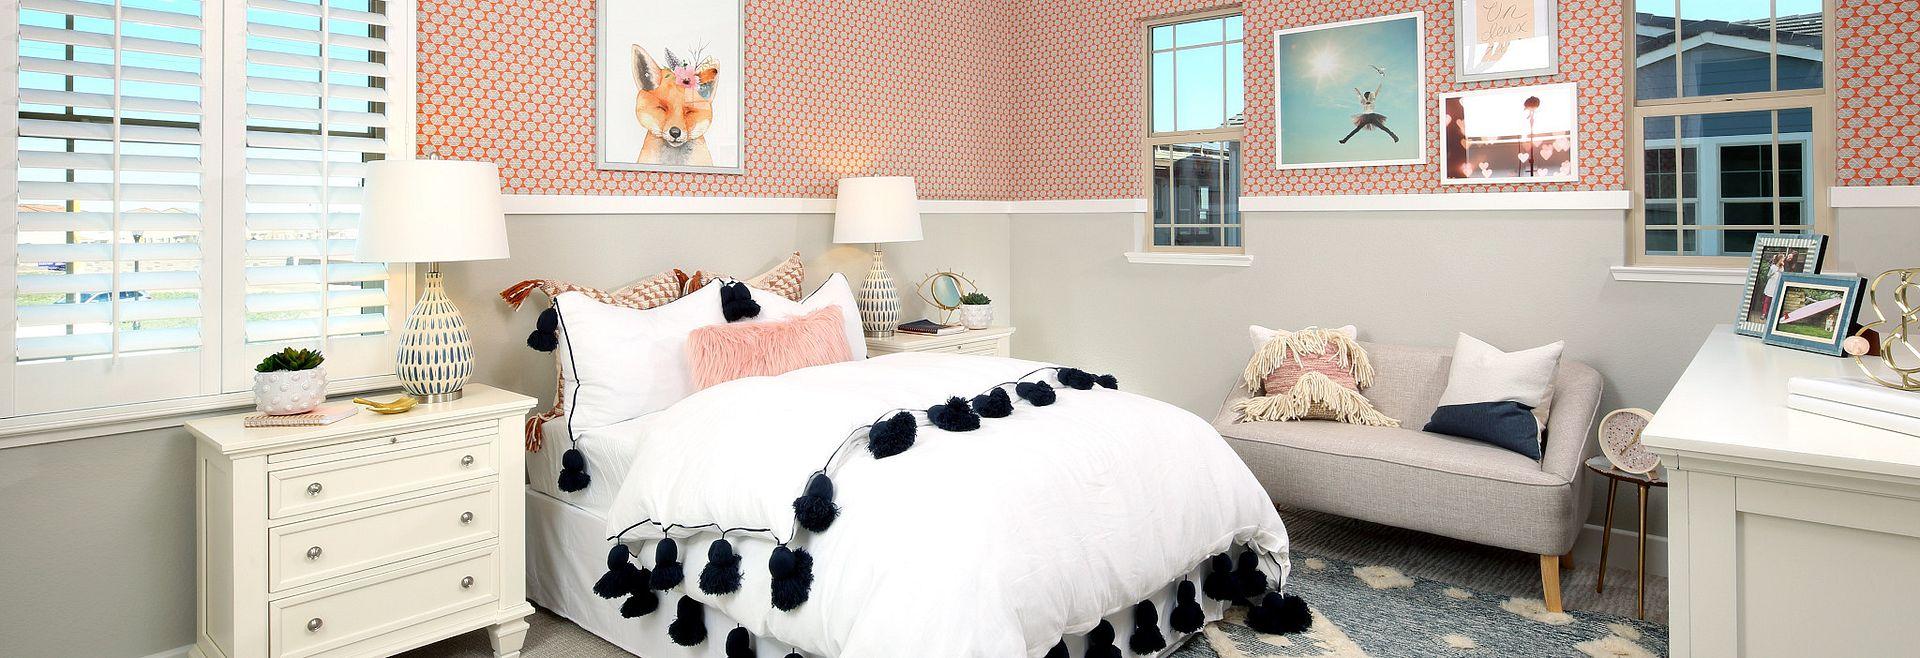 Plan 4 Girls Bedroom